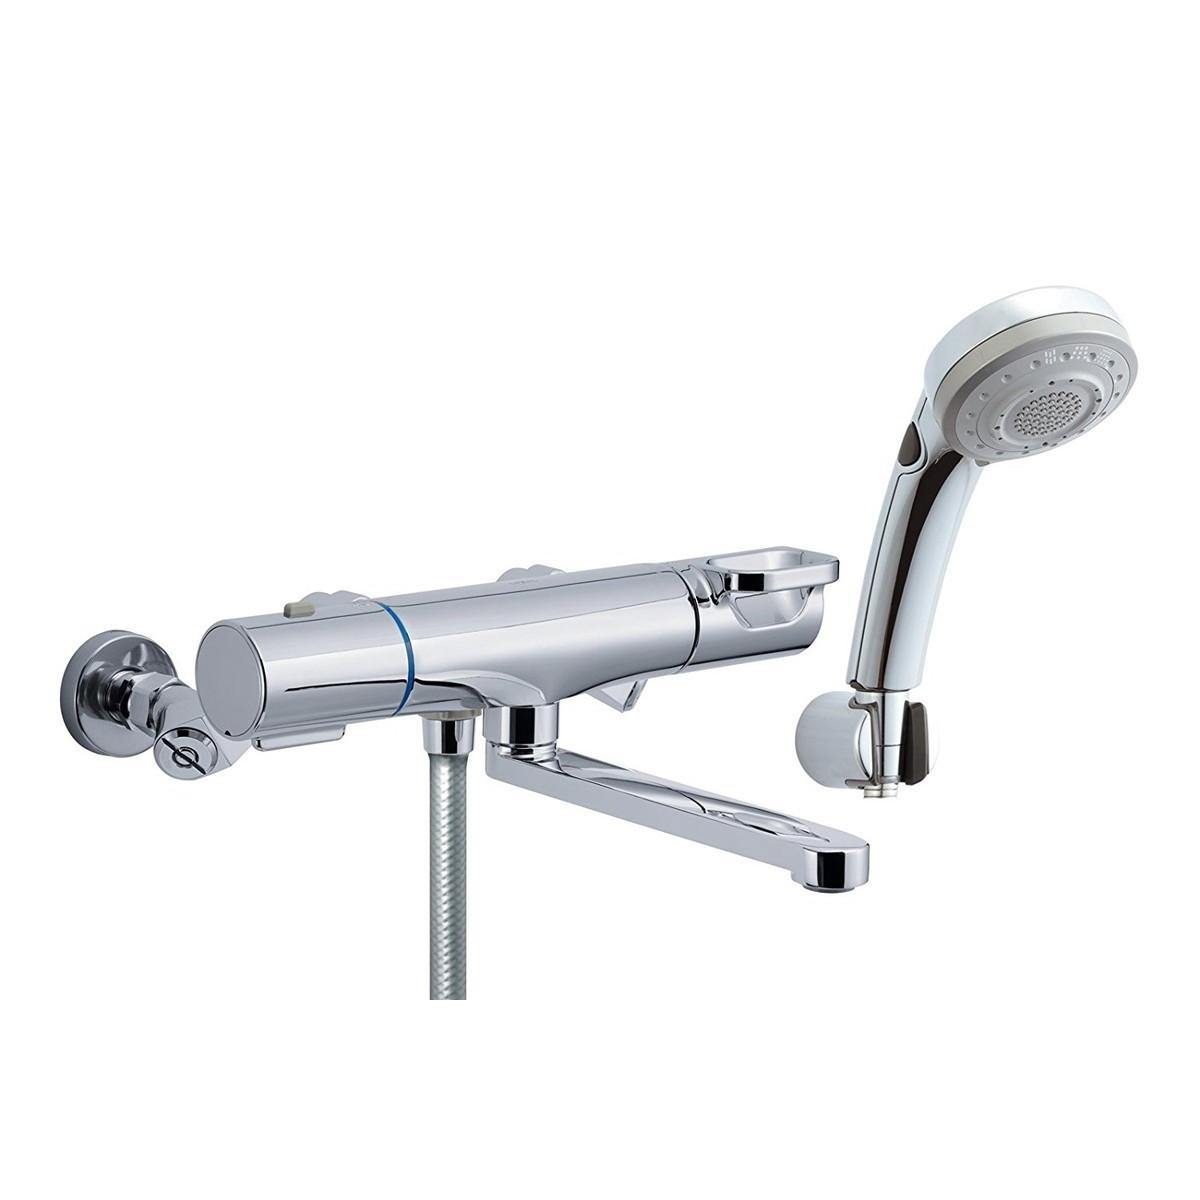 LIXIL(リクシル) INAX 浴室用 サーモスタット付シャワーバス水栓 エコフル多機能スイッチシャワー 回せるもん RBF-817ZW